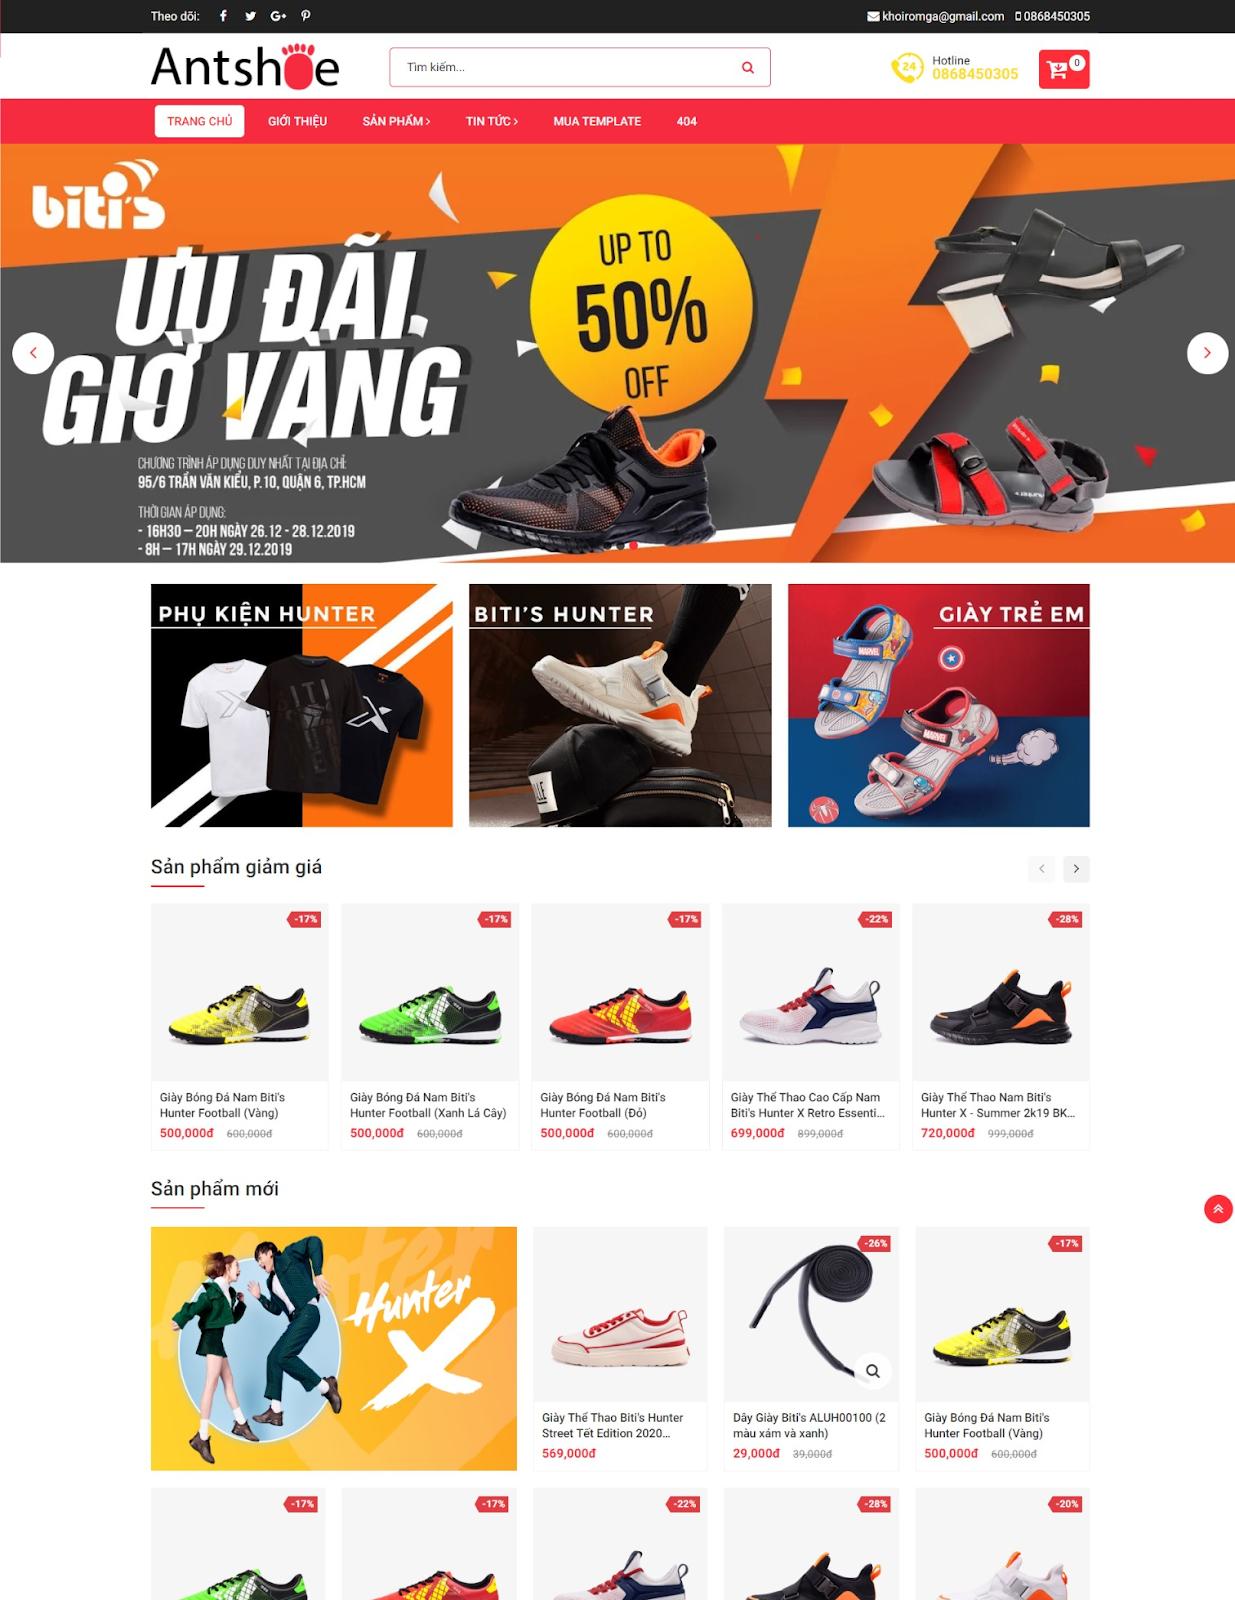 Ant Shoe Shop Responsive Blogger Template là giao diện bán hàng blogspot cao cấp có chức năng chọn size phù hợp cho bán quần áo, giày dép ...